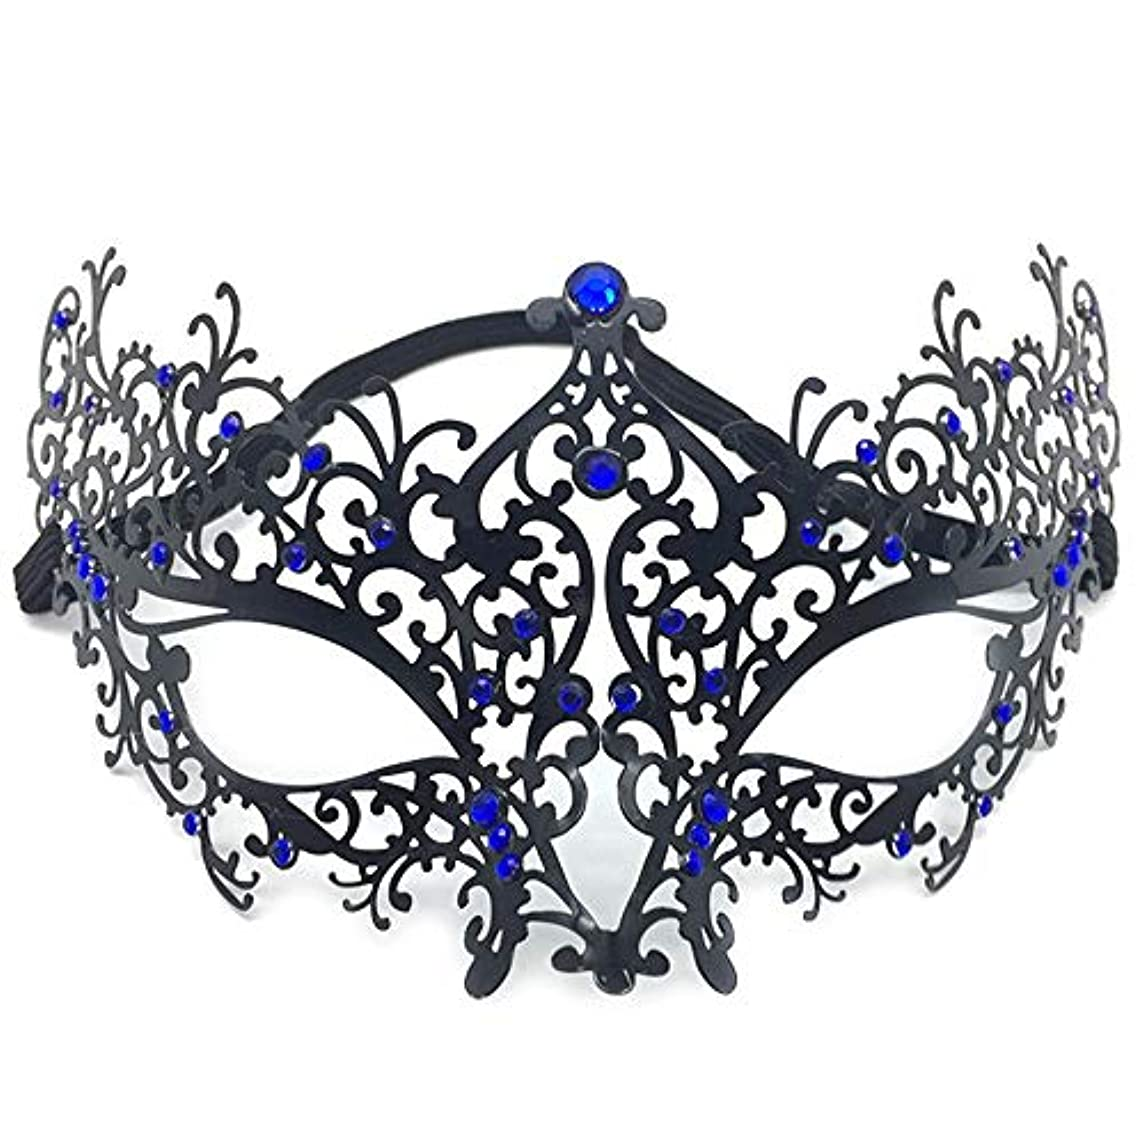 特許外出論争仮面舞踏会アイアンマスクパーティーCOSはメタリックダイヤモンドハーフフェイスハロウィンアイアンマスクをドレスアップ (Color : B)